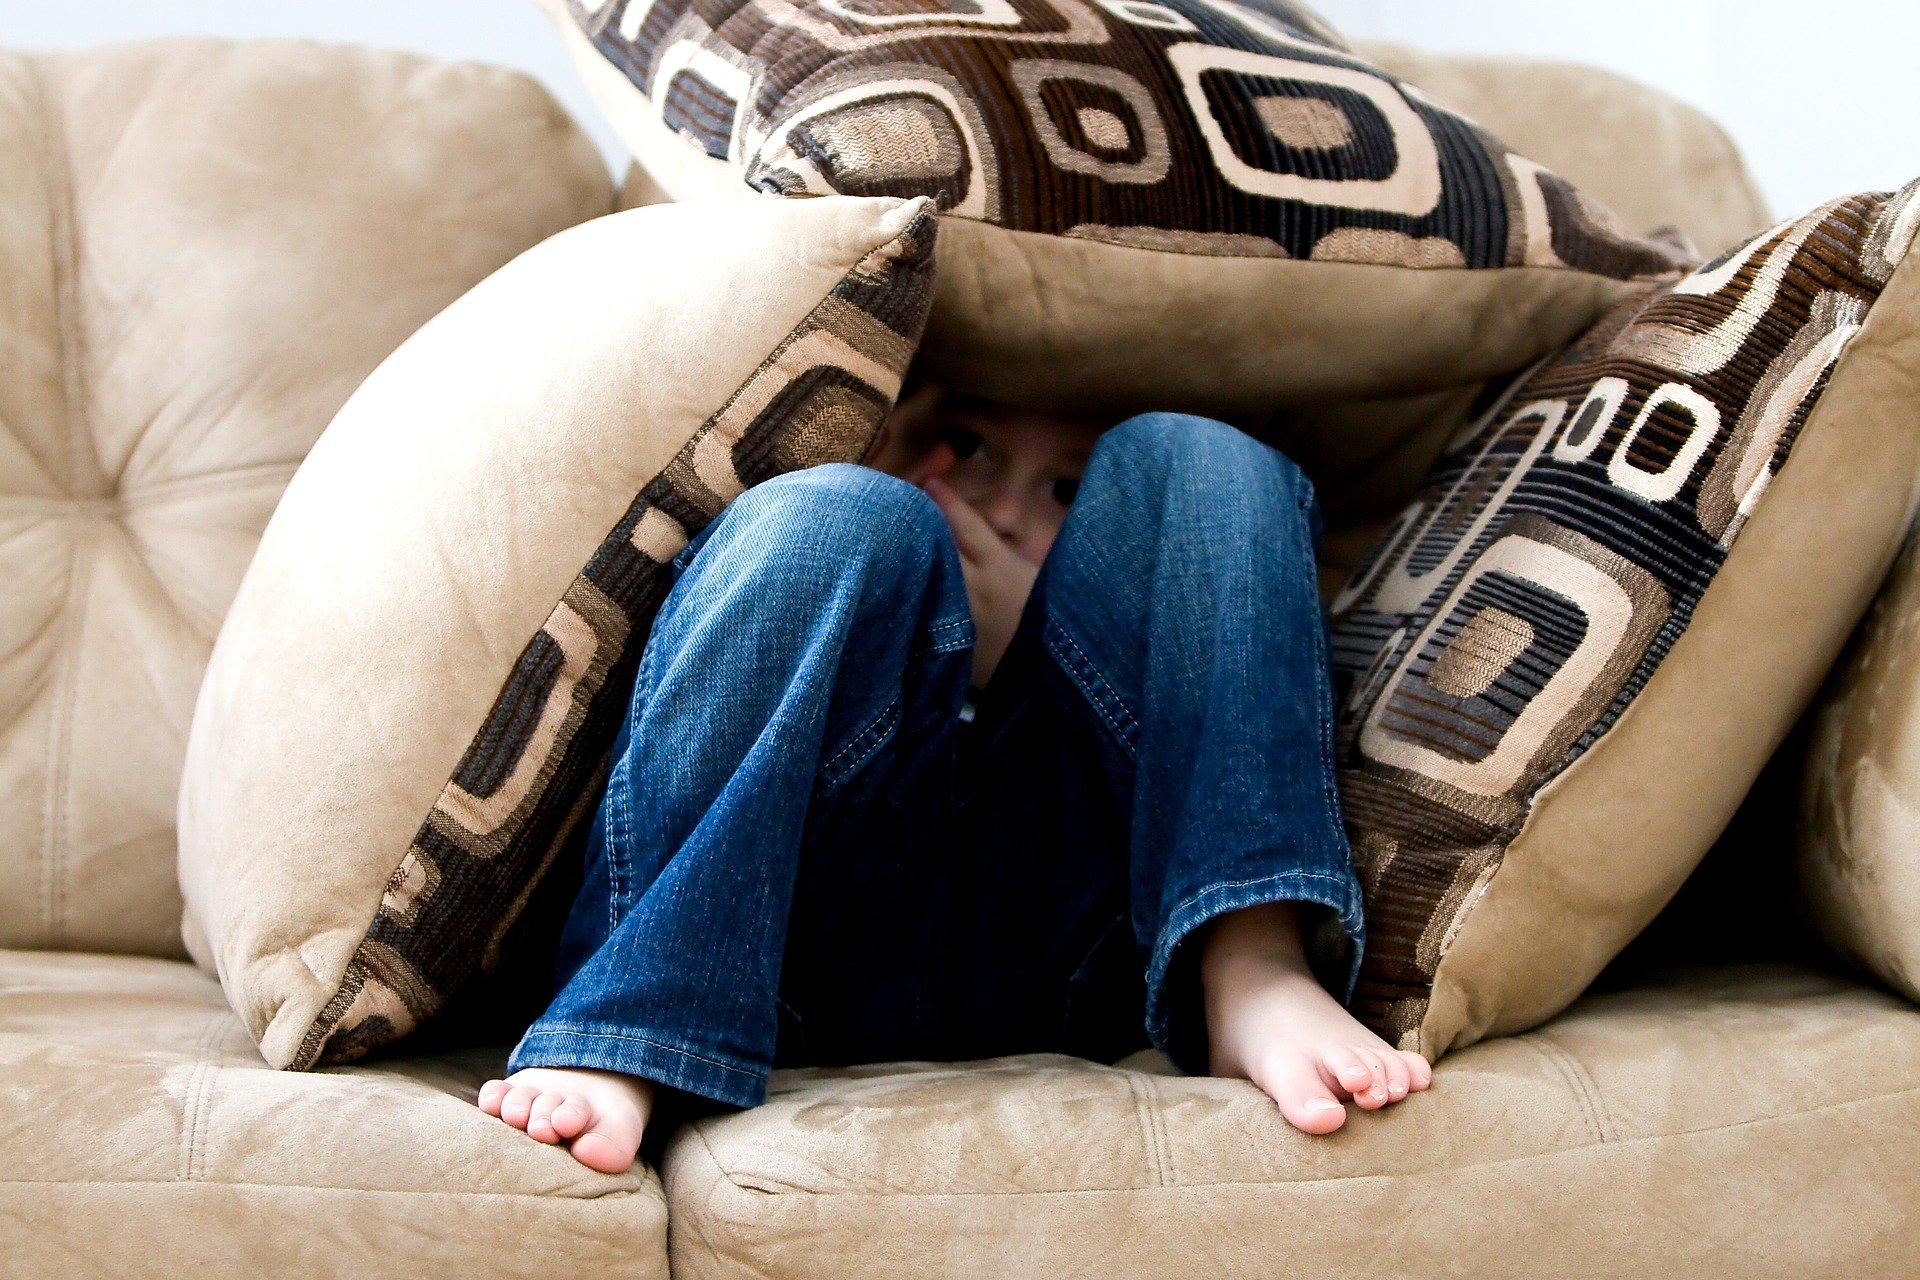 La paura di non portare a termine le cose ti blocca? 7 modi per superarla e raggiungere i tuoi obiettivi